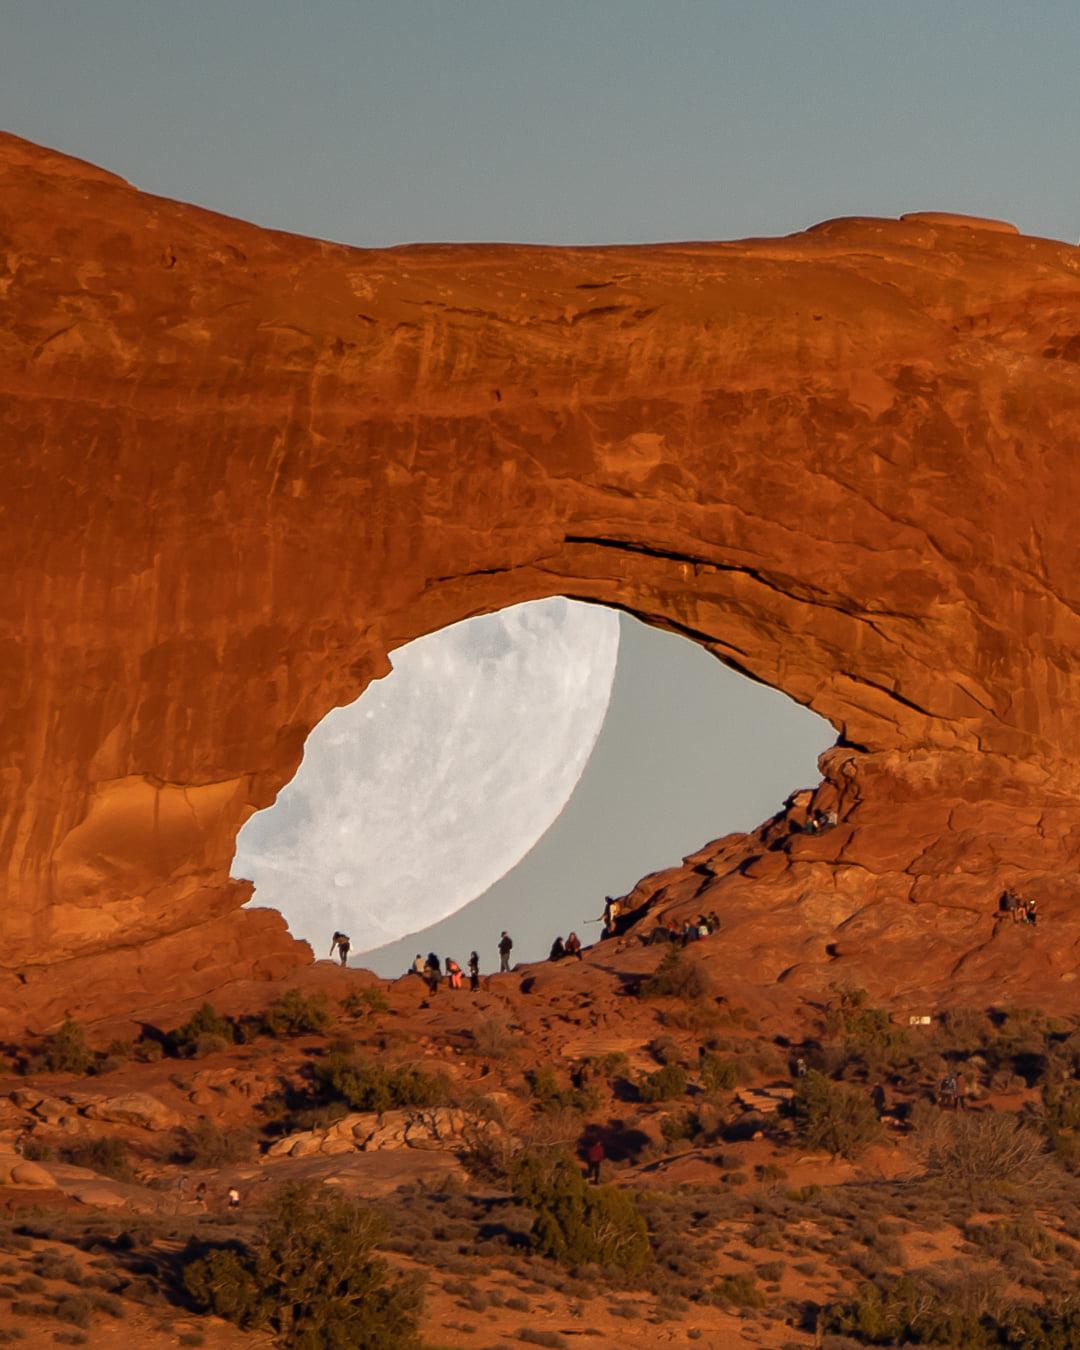 Một góc mặt trăng bị che khuất bởi vòm đá.